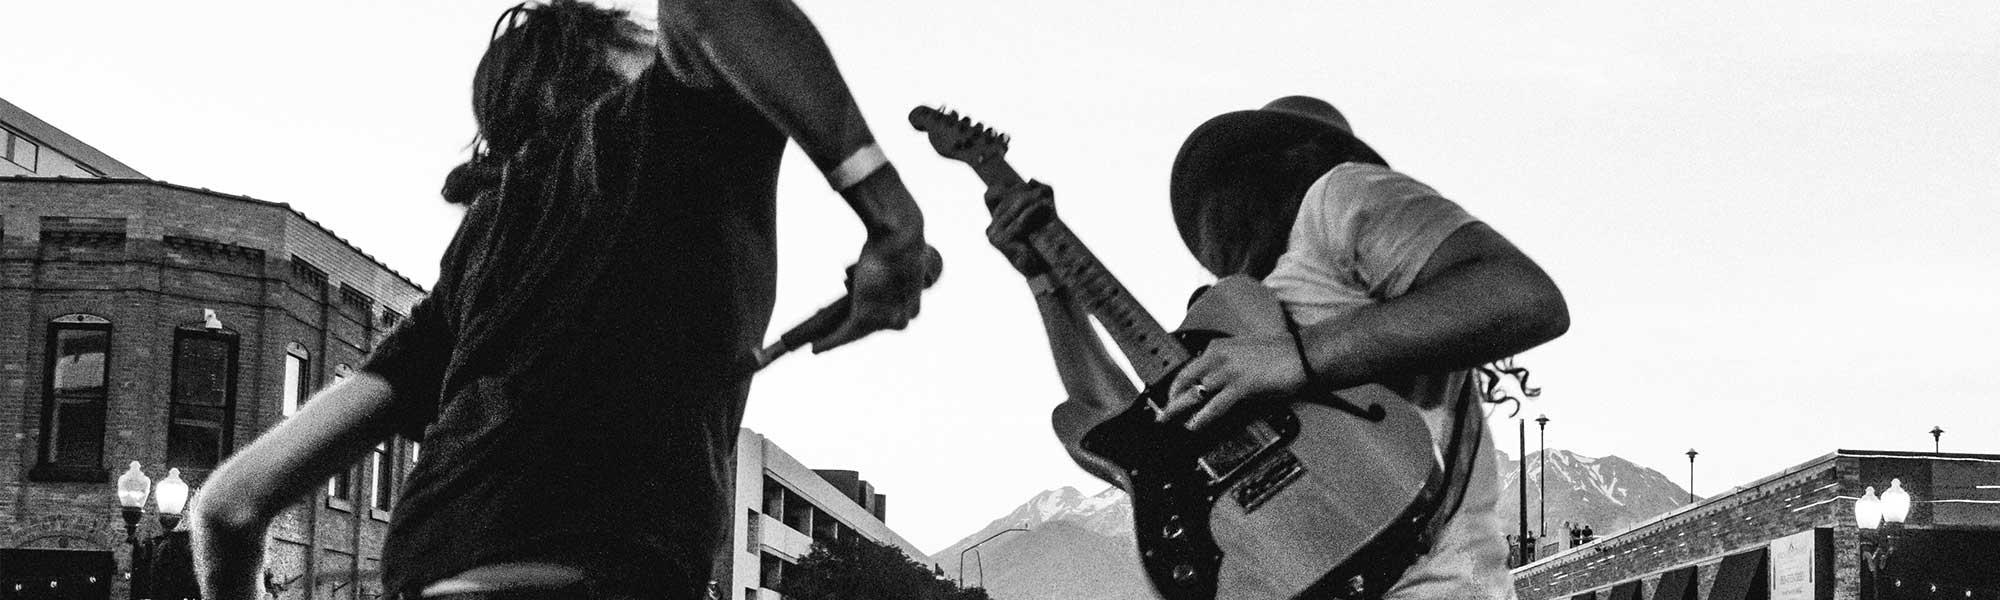 Rockband Nordrhein-Westfalen buchen für Event